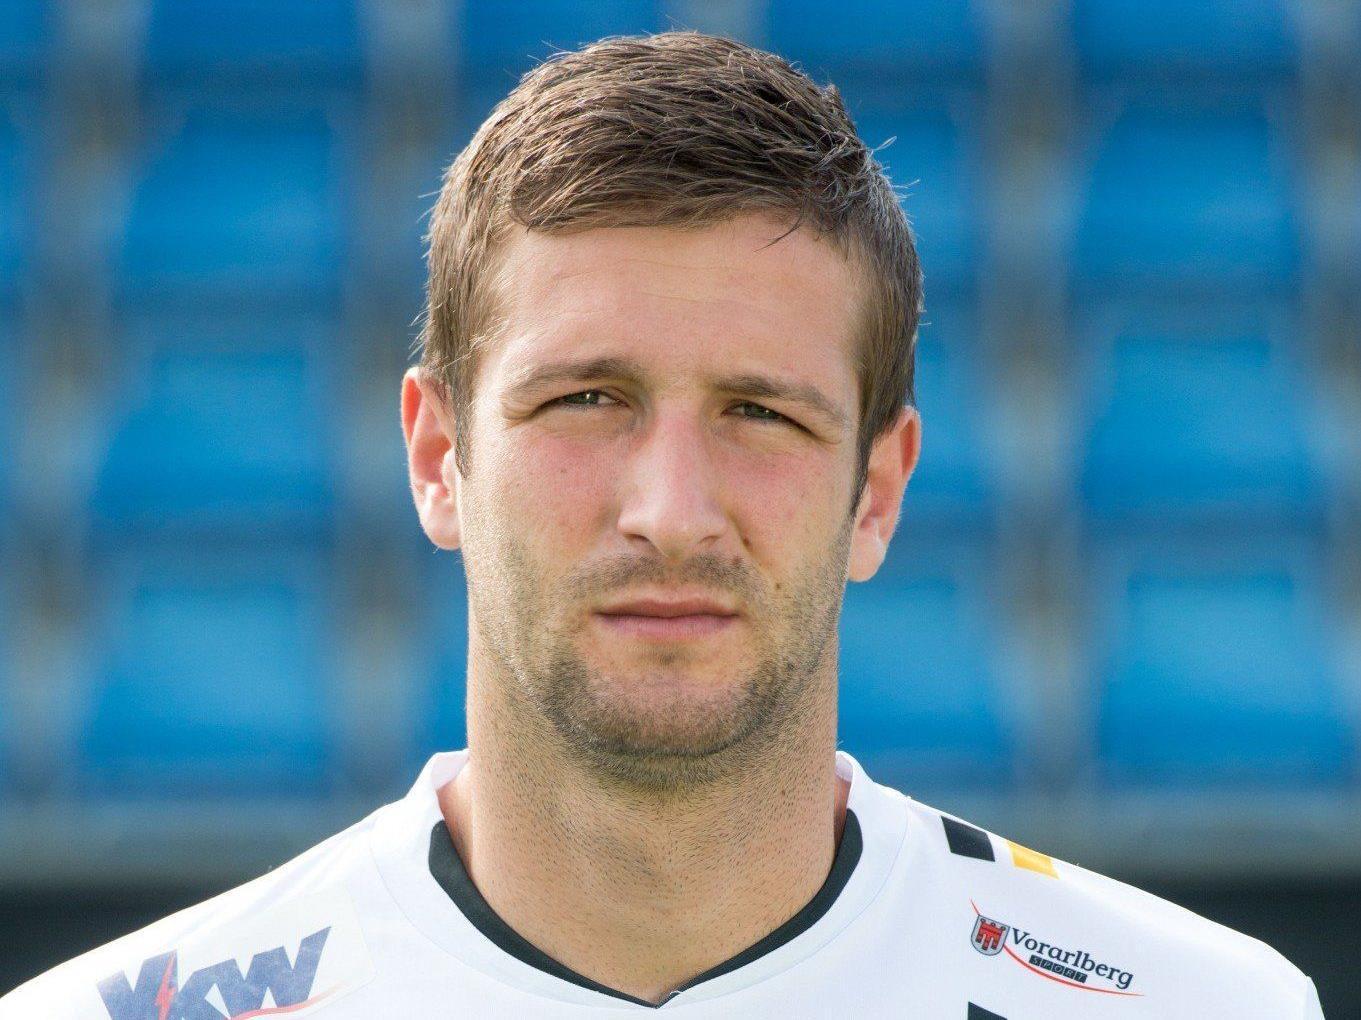 Altach verpflichtet Ivan Kovacec